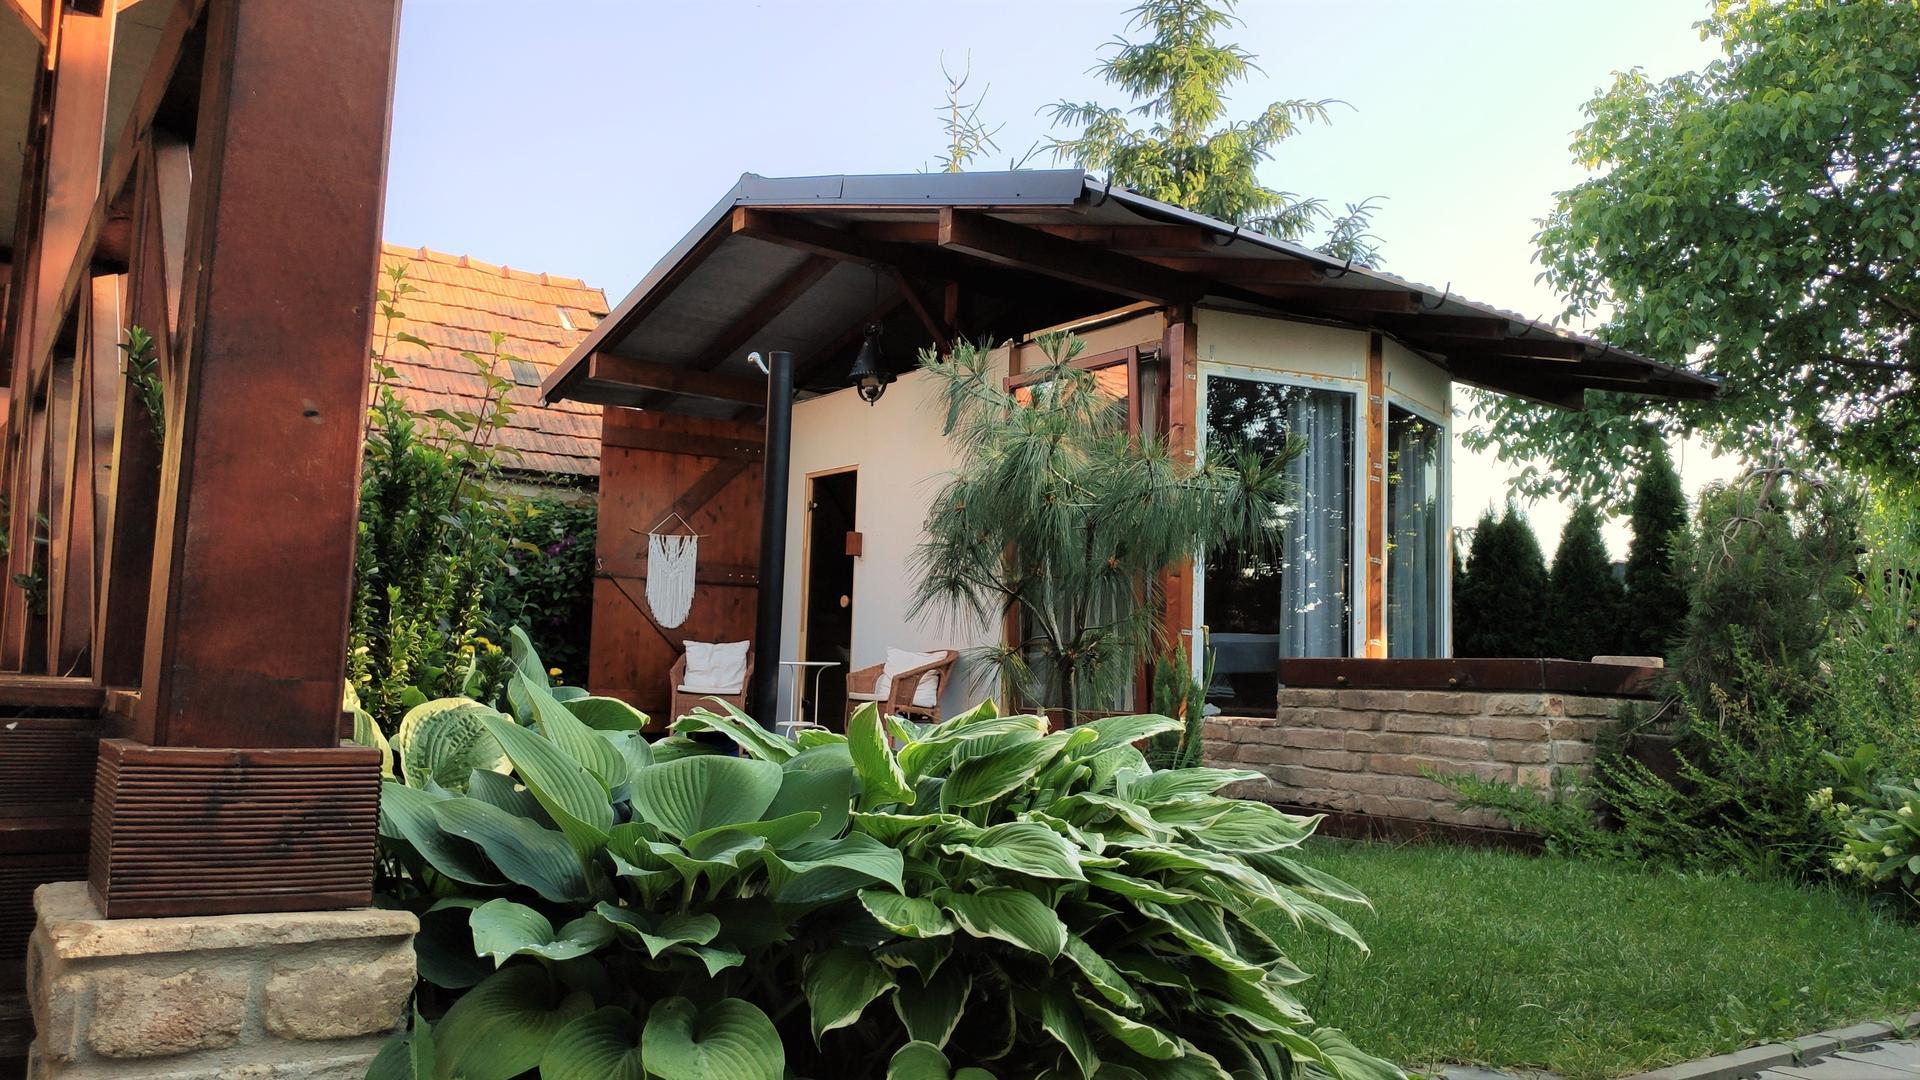 Relaxačný domček sauna a oddychová miestnosť ... plány, príprava a realizácia - Obrázok č. 245